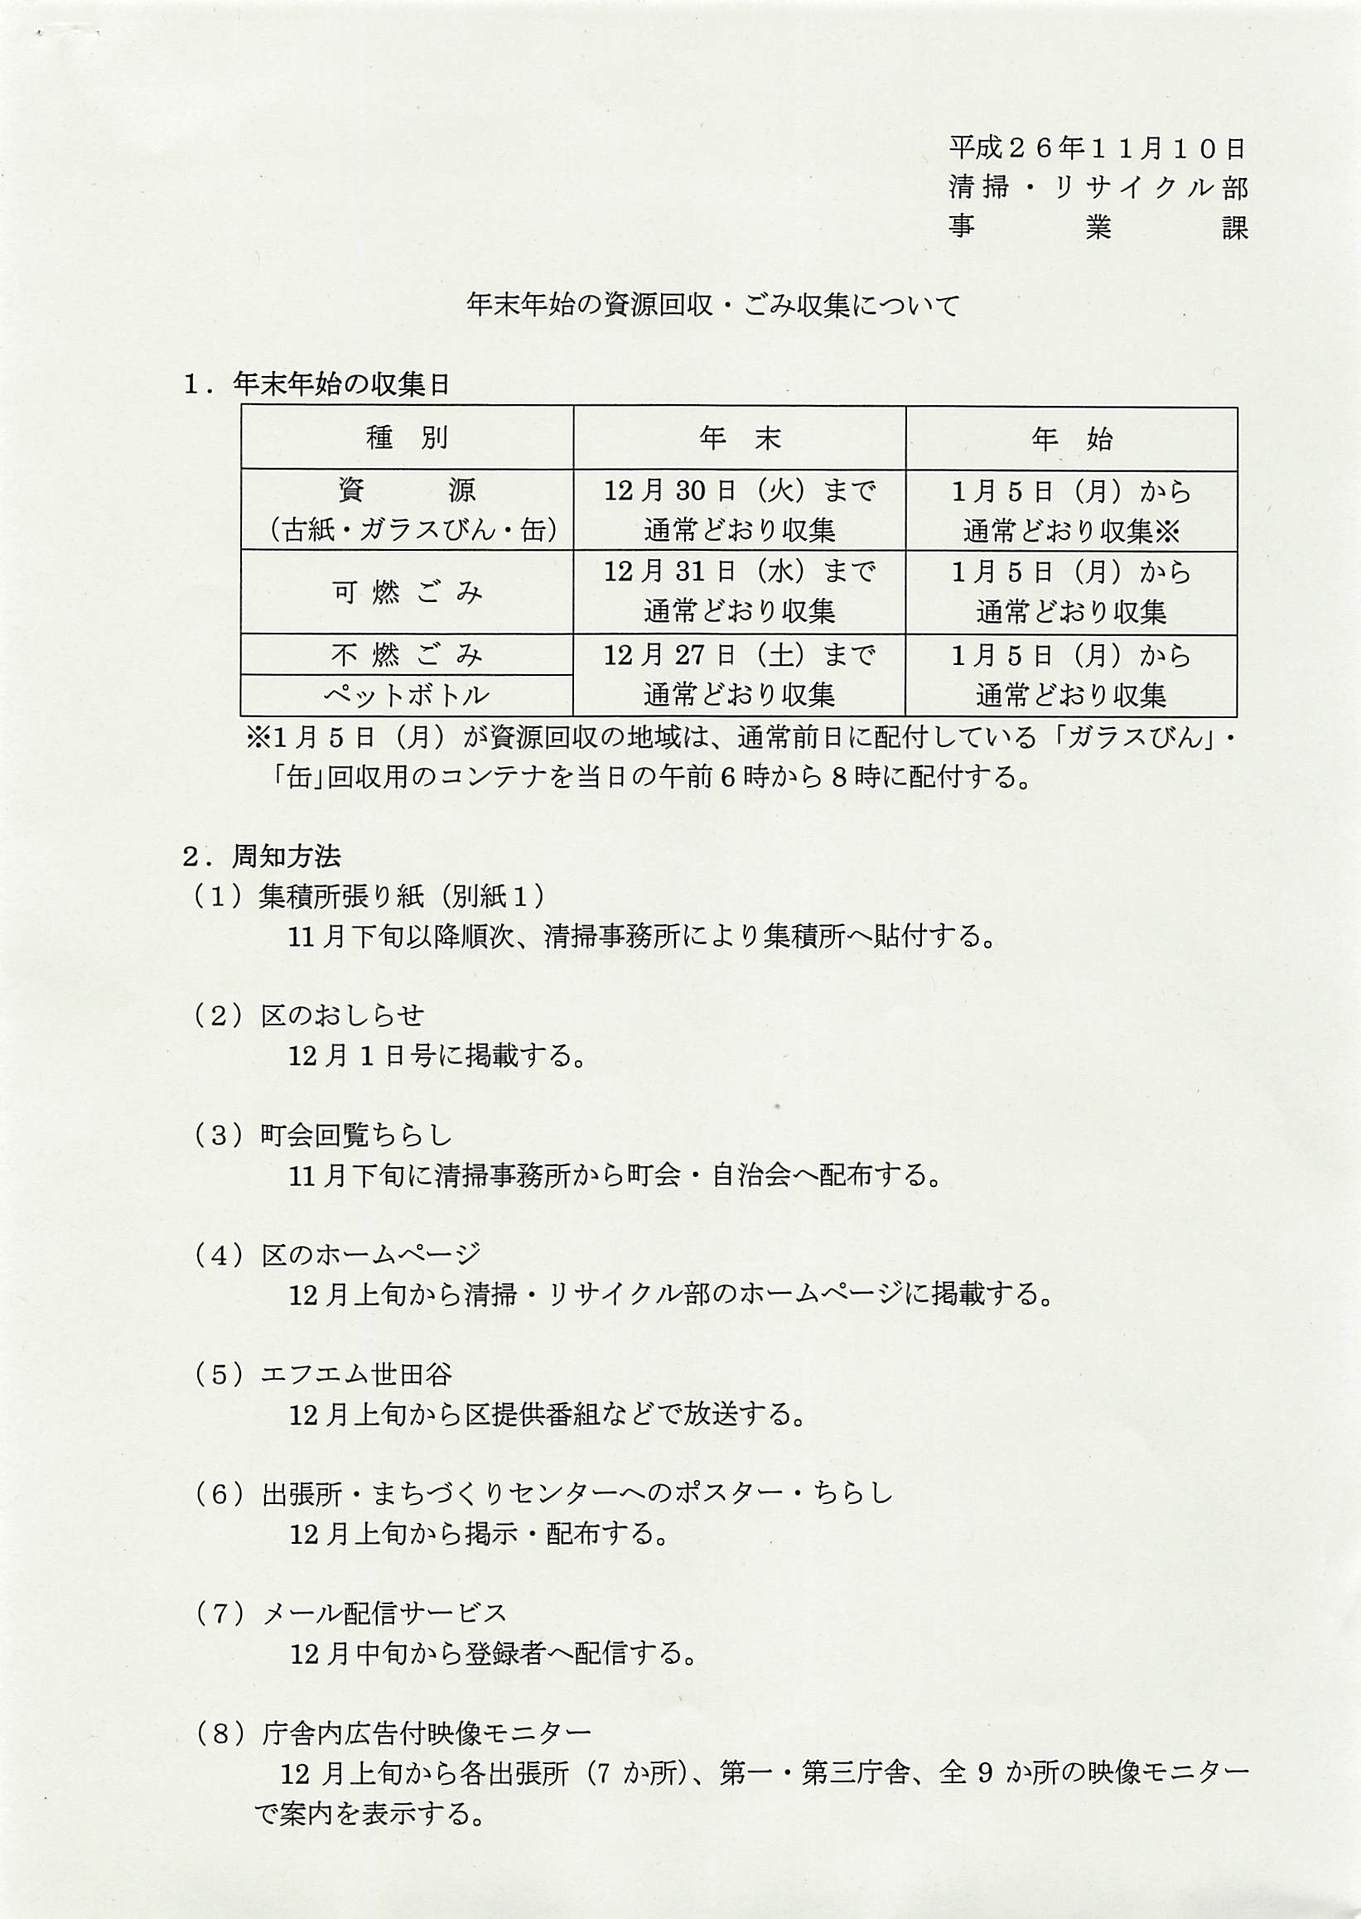 年始 世田谷 区 ゴミ 年末 世田谷生活応援券 (プレミアム25%付き商品券)発売決定!申込・購入方法を解説